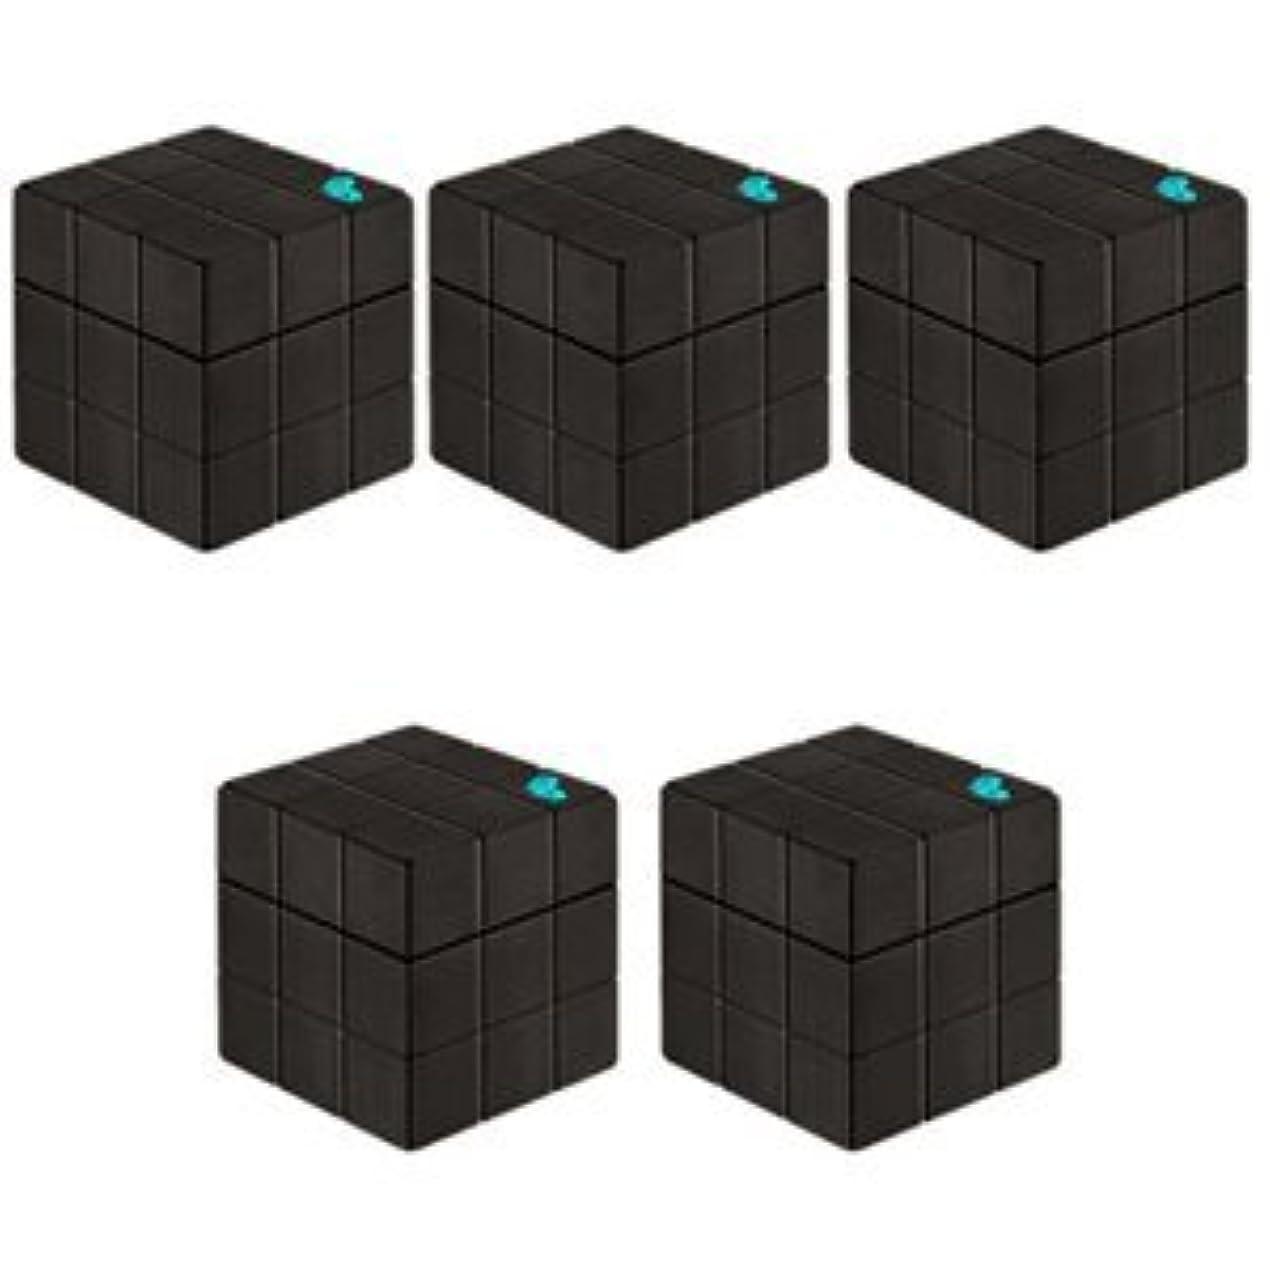 小数有料多年生【X5個セット】 アリミノ ピース プロデザインシリーズ フリーズキープワックス ブラック 80g ARIMINO